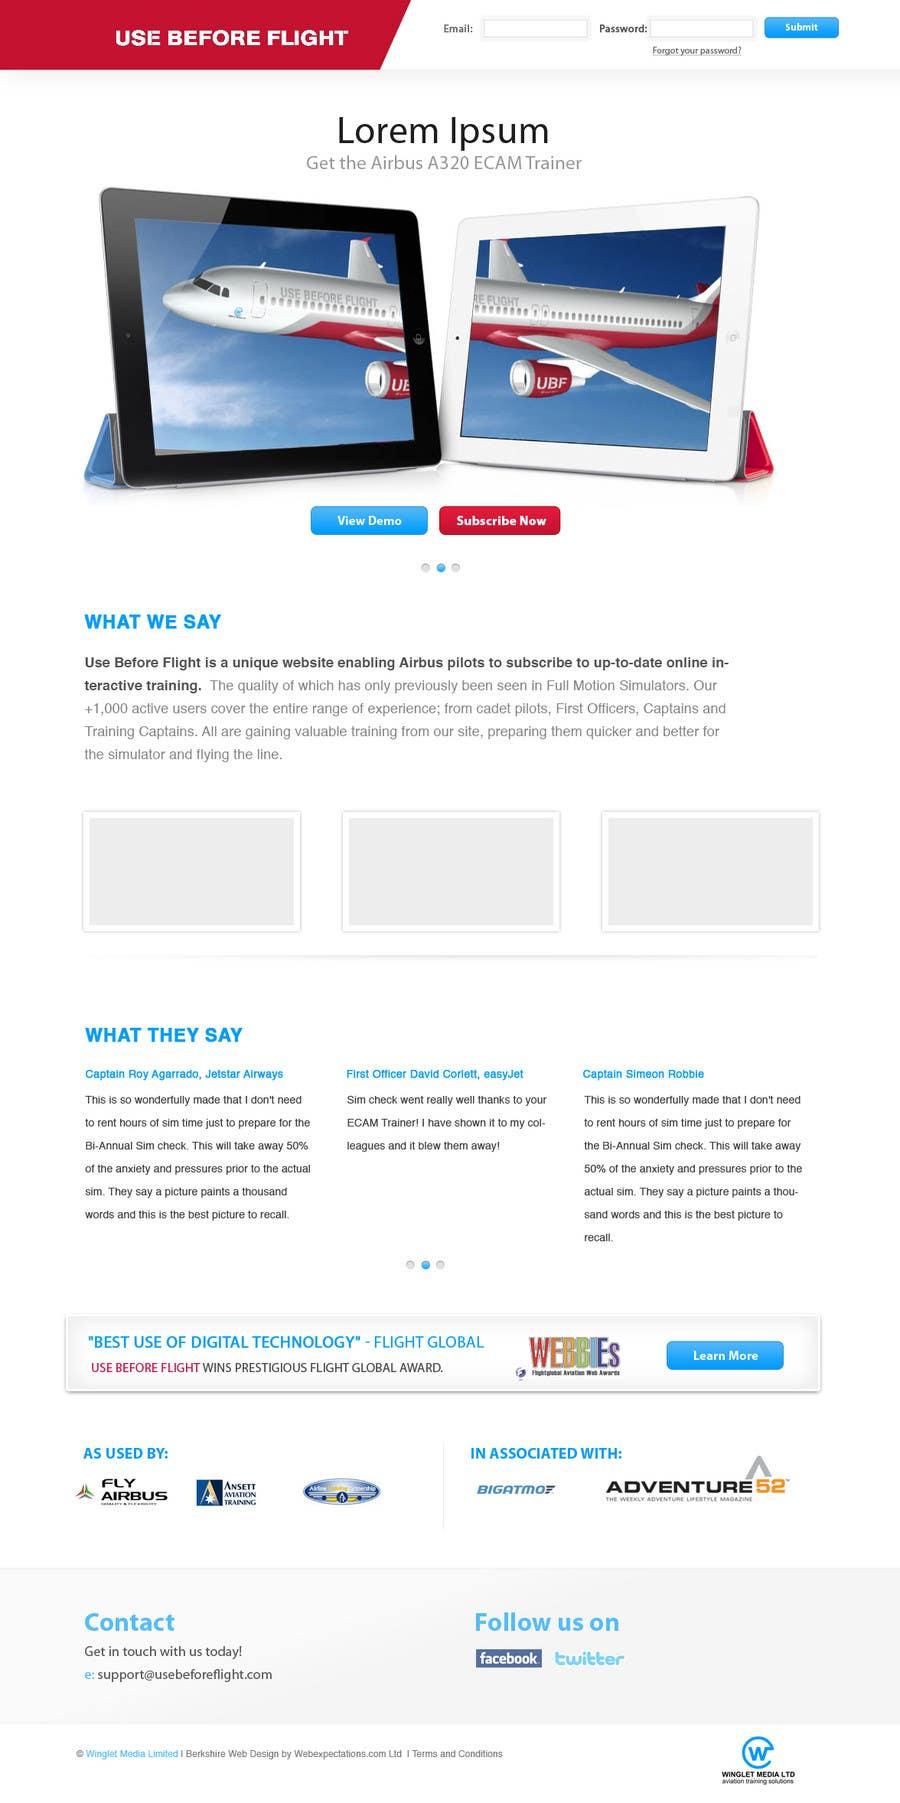 Penyertaan Peraduan #                                        6                                      untuk                                         Website Design for Use Before Flight